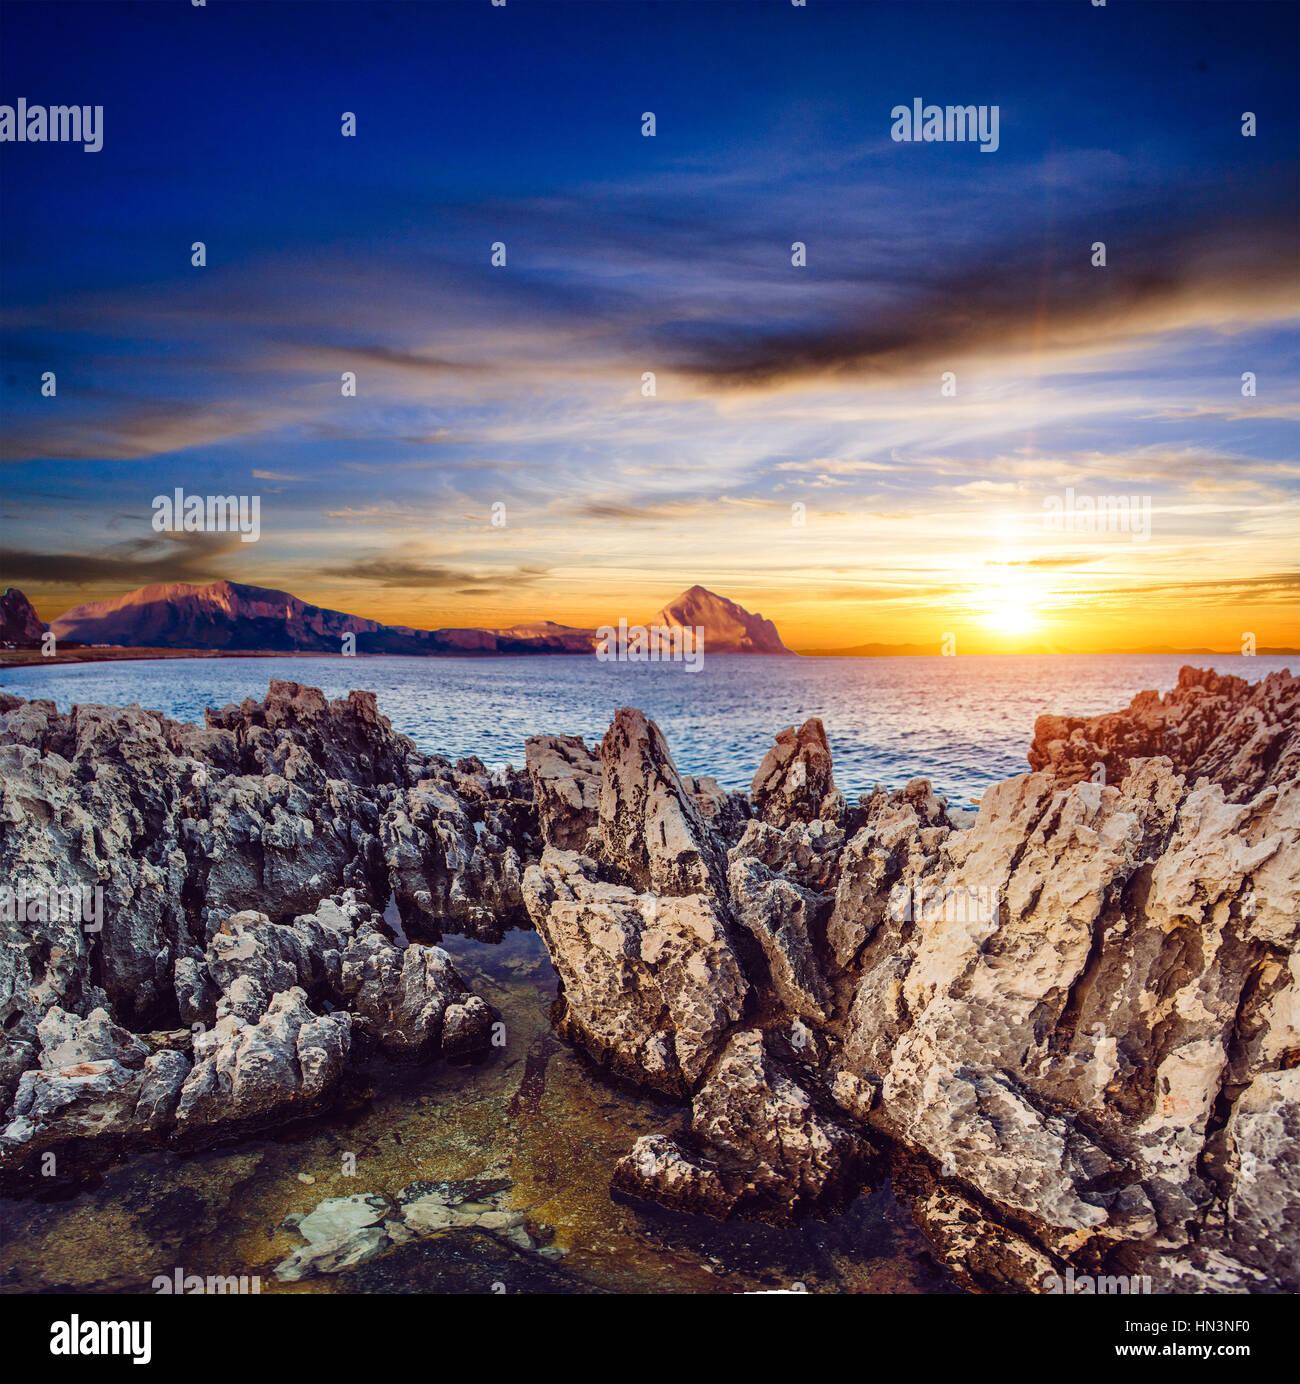 Coucher de soleil sur les rochers. Photo Stock